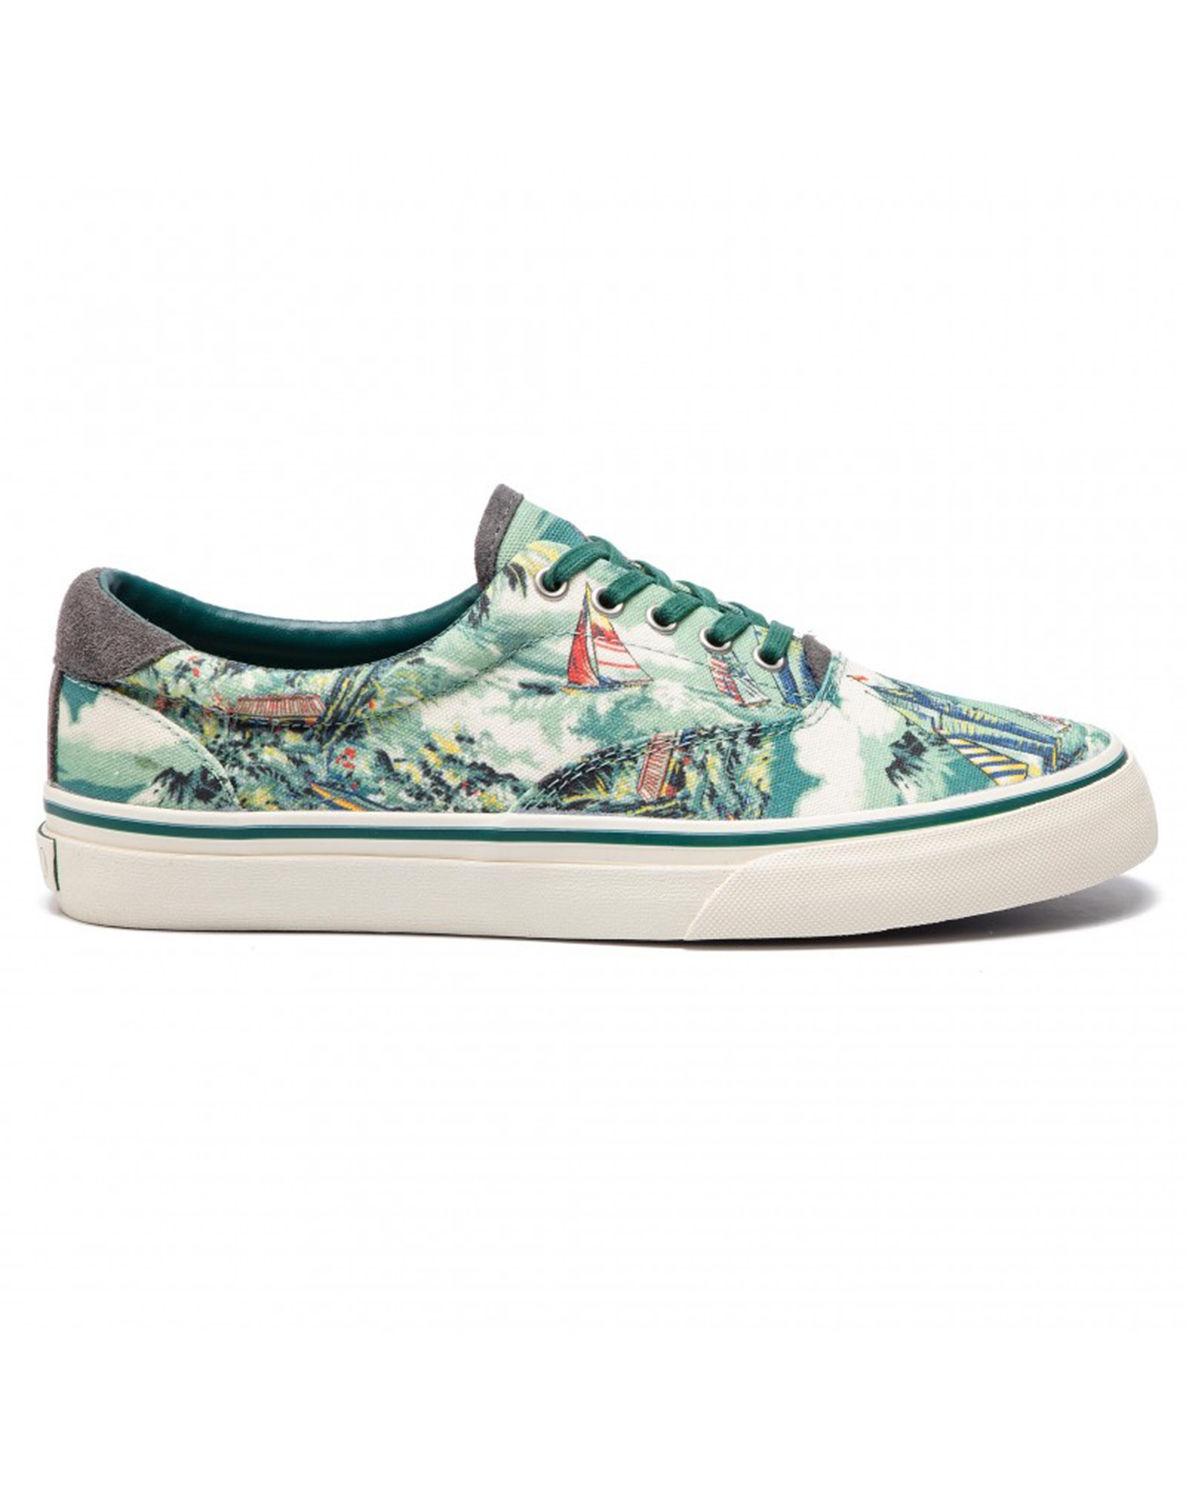 Sneakersy z grafiką RALPH LAUREN – Kup Teraz! Najlepsze ceny i opinie!  Sklep Moliera2.com 376d201b318